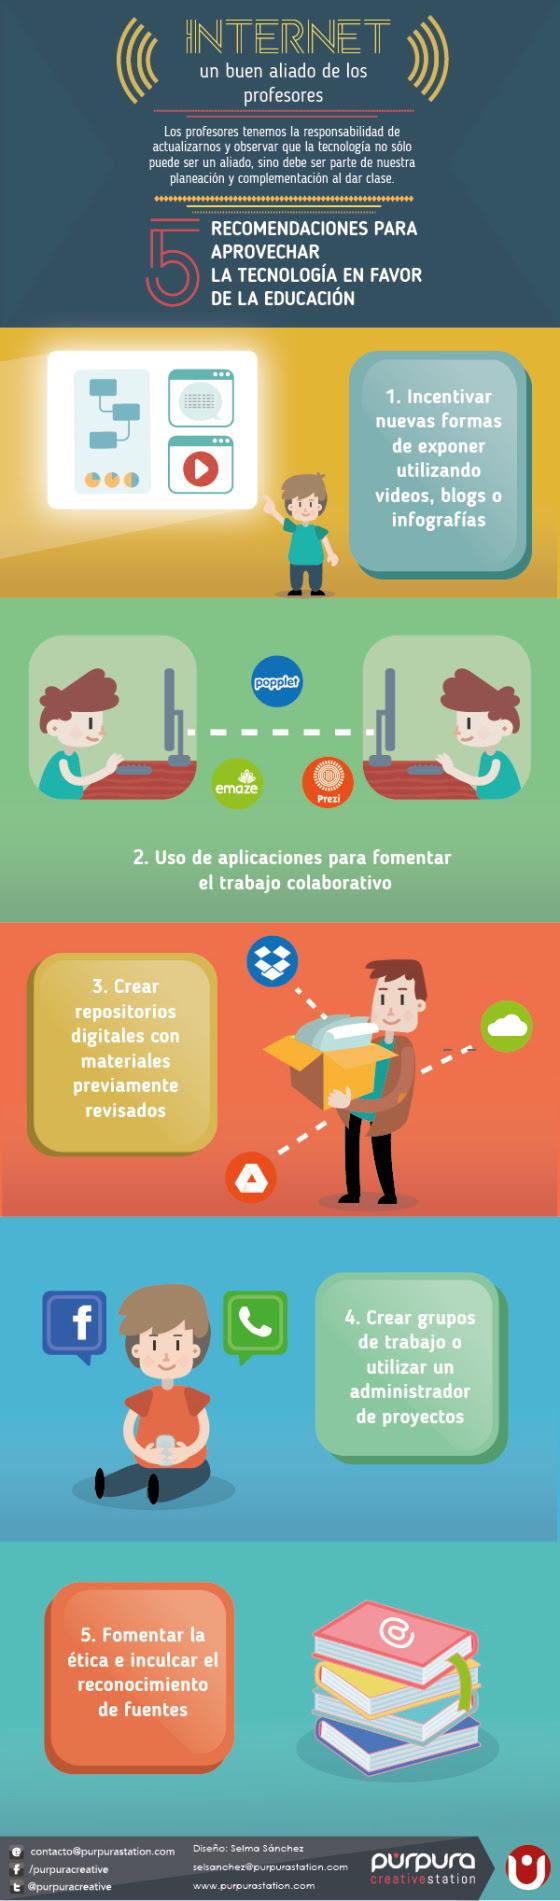 5 recomendaciones para usar Internet en Educación